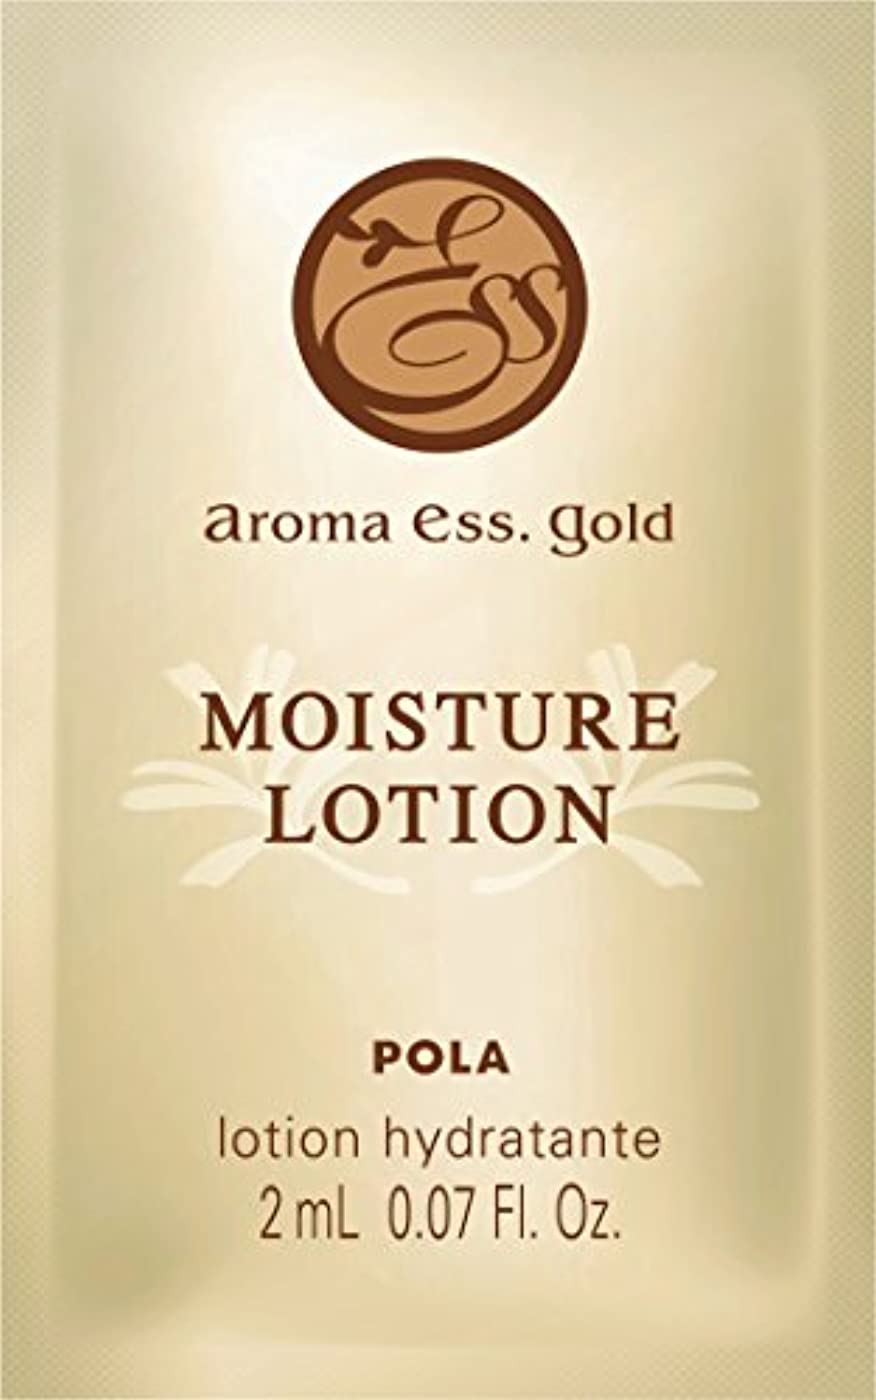 できる観客誠実さPOLA アロマエッセゴールド モイスチャーローション 化粧水 個包装タイプ 2mL×100包